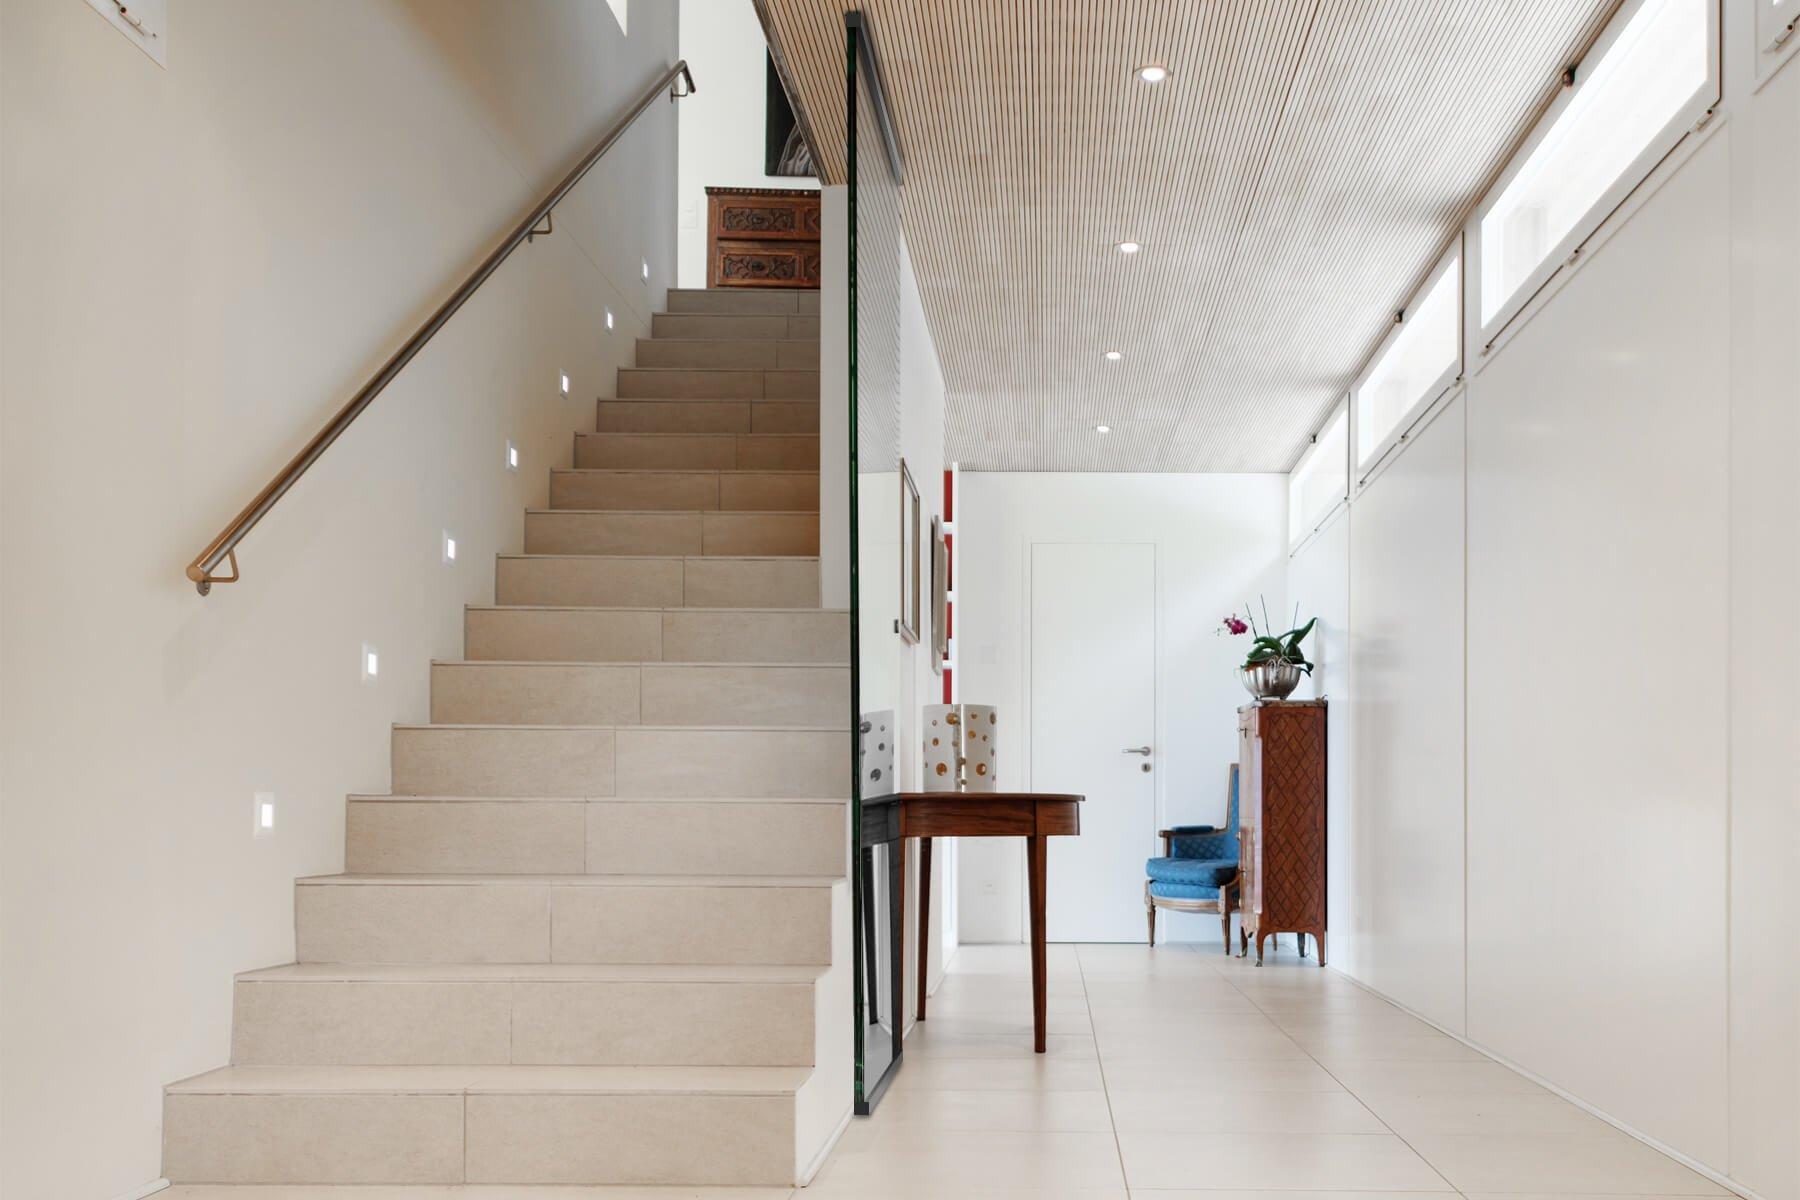 Treppenhaus verglast mit Slim Protect 1